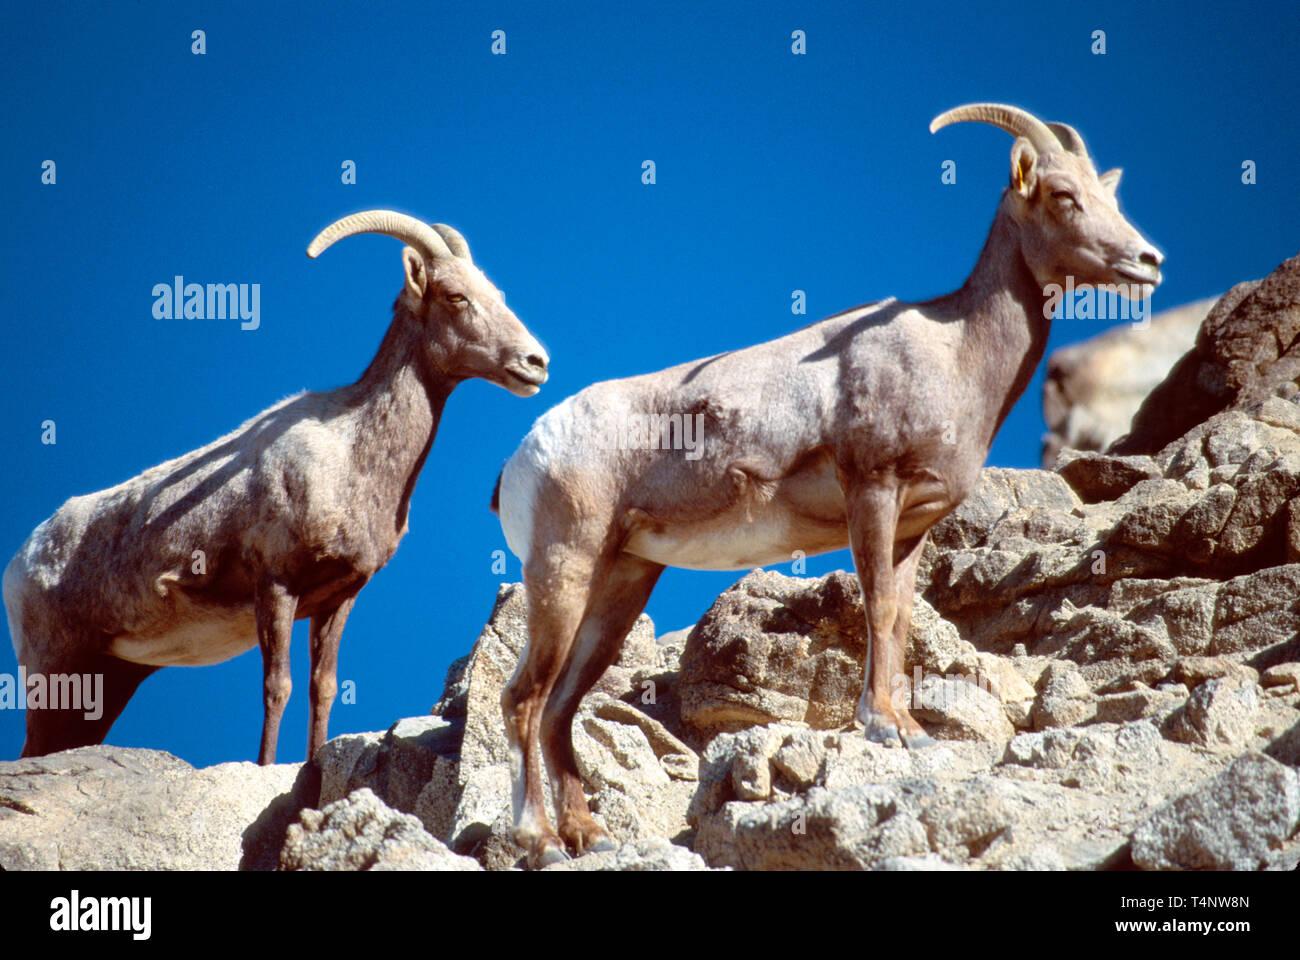 California Palm Desert The Living Desert Wildlife Park Desert Bighorn Sheep rocks - Stock Image